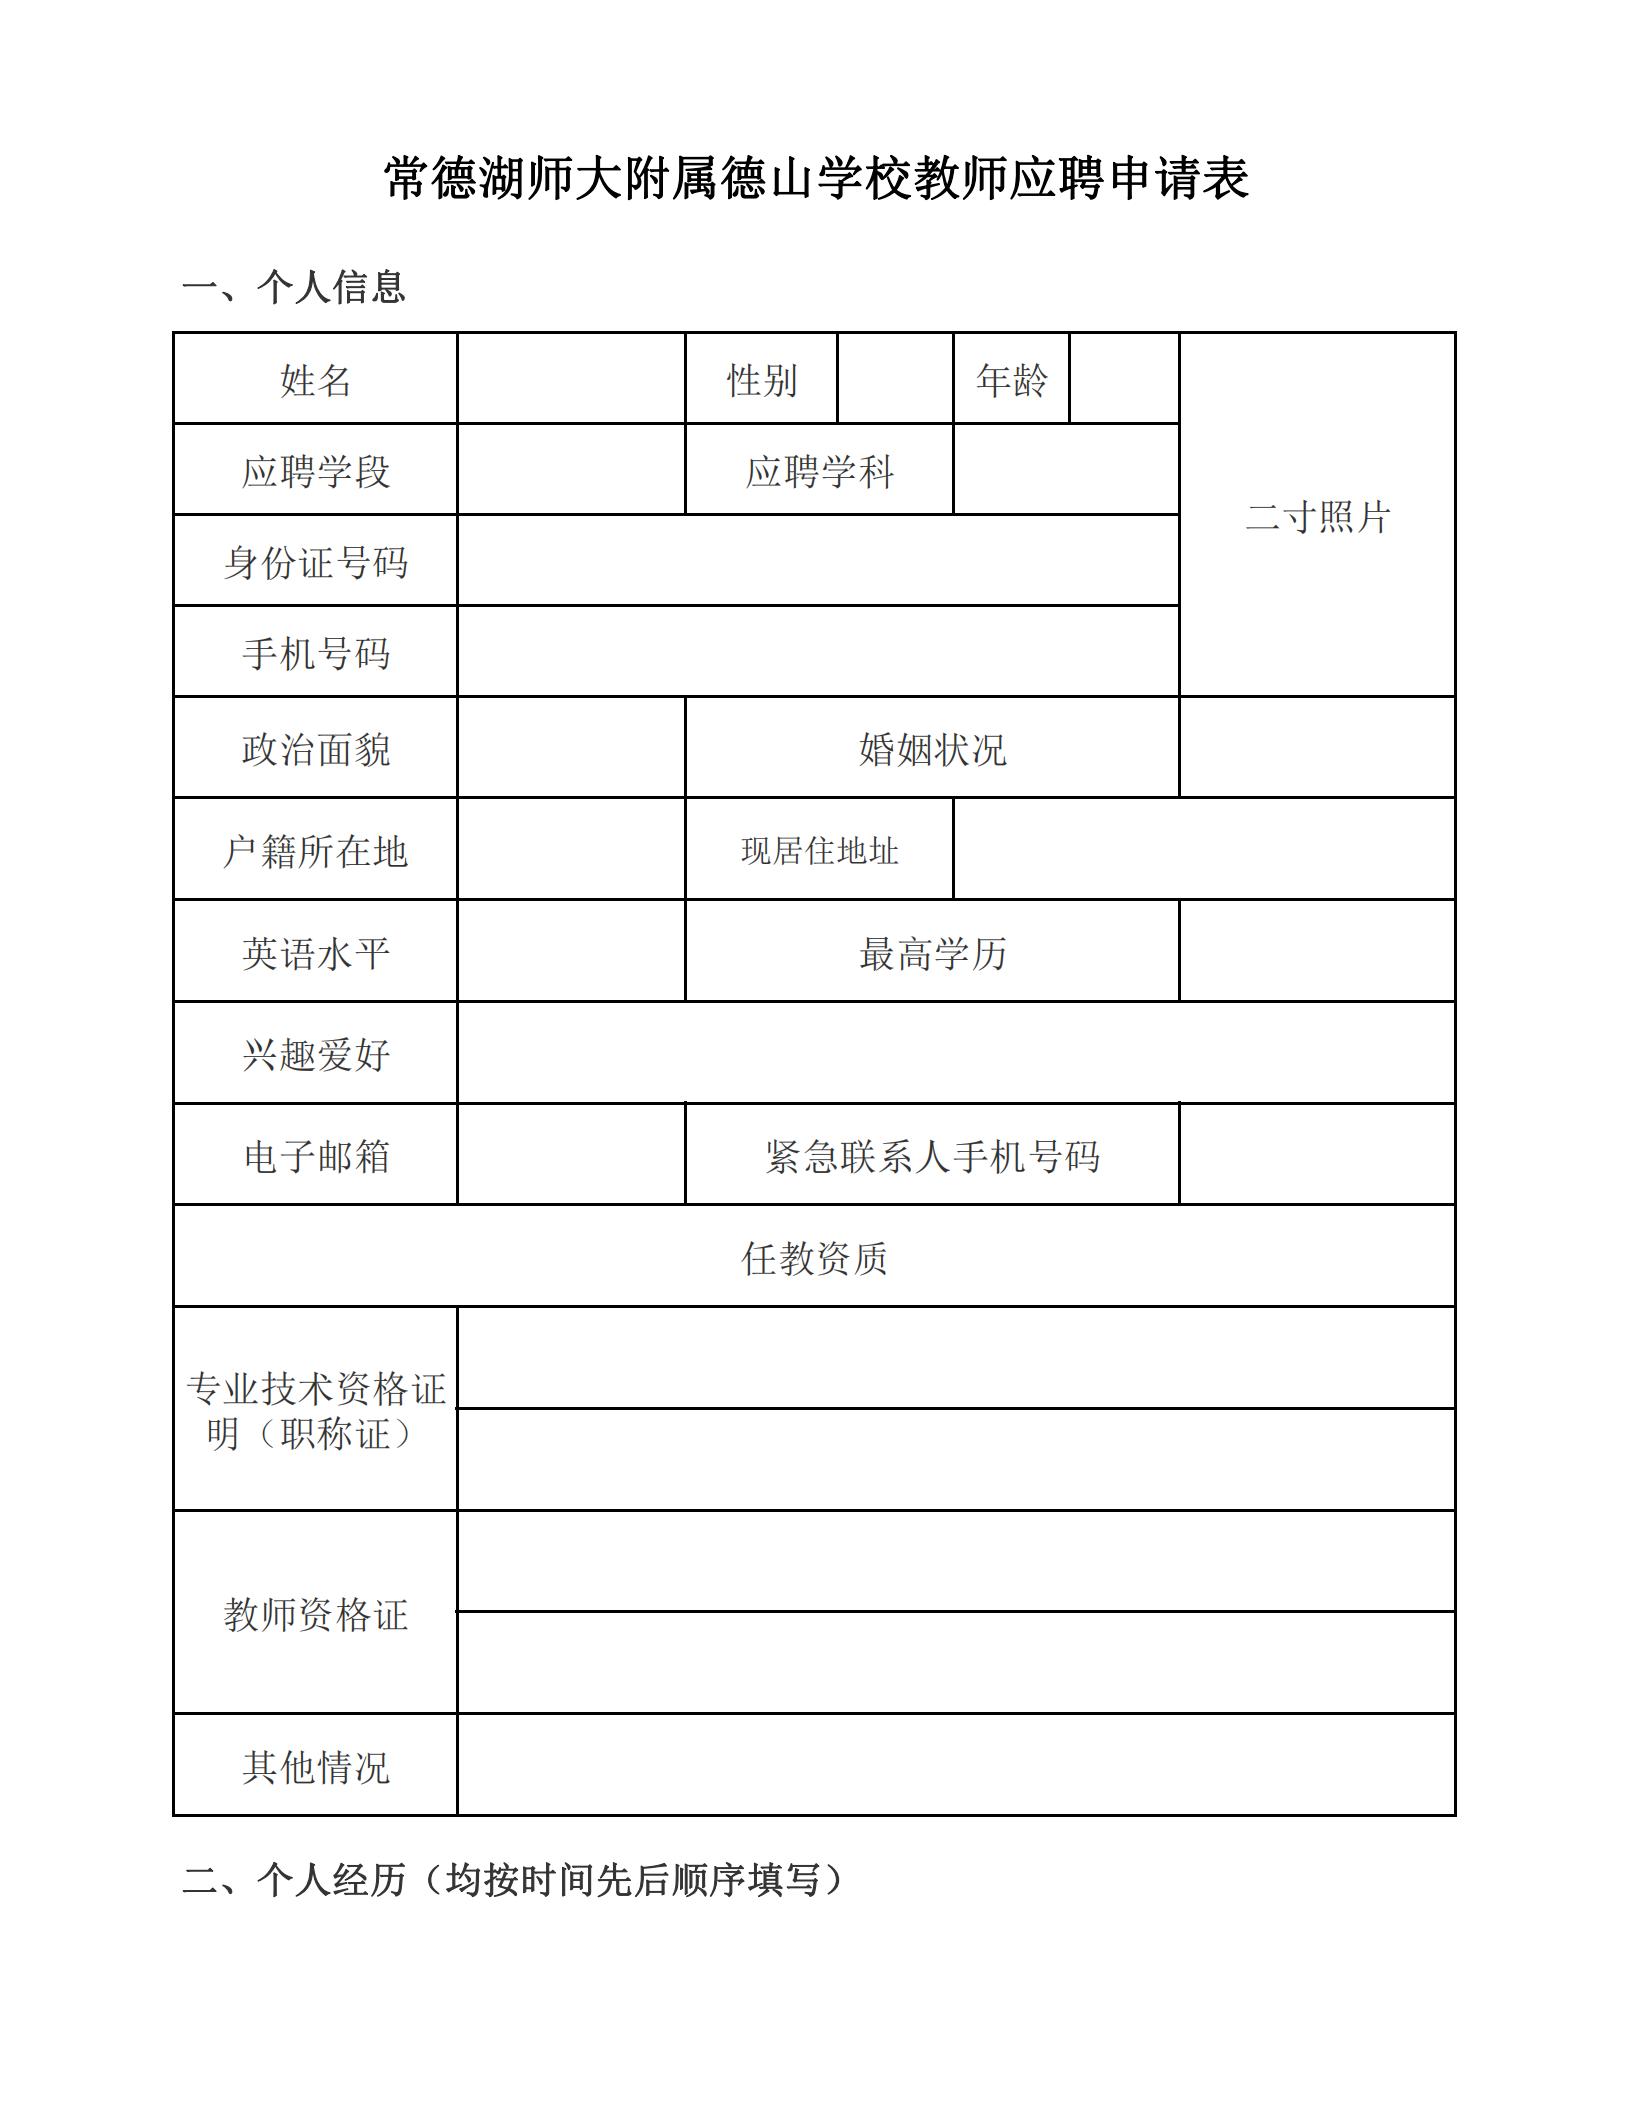 湖师大附属德山学校应聘申请表_00.png